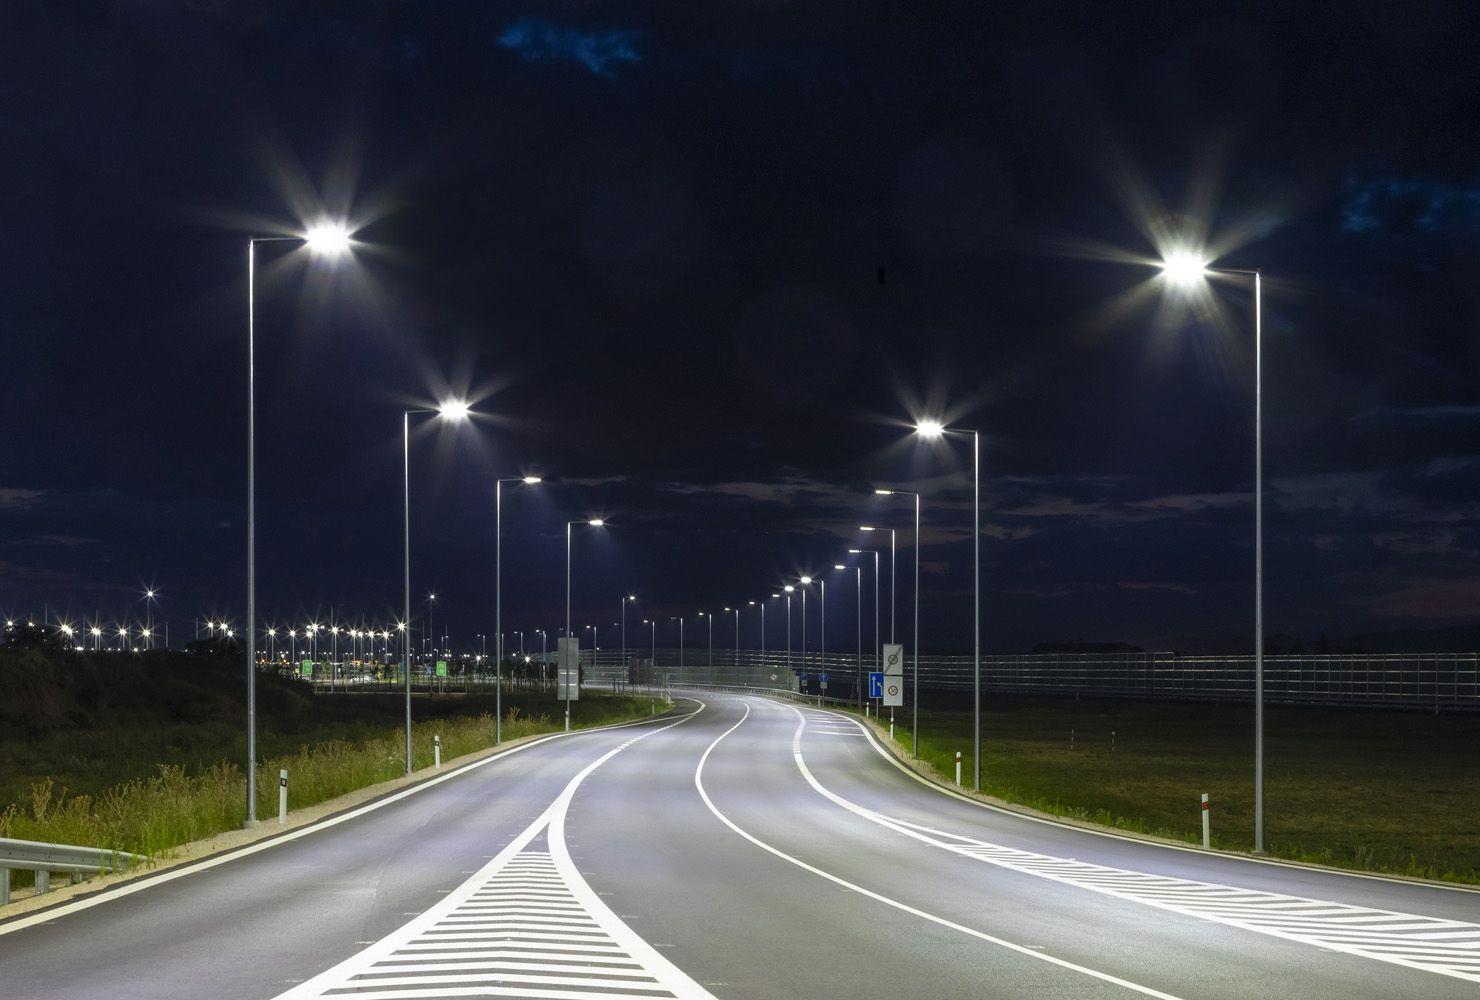 Iluminación de autovías con la Luminaria Vial LED de Mayja